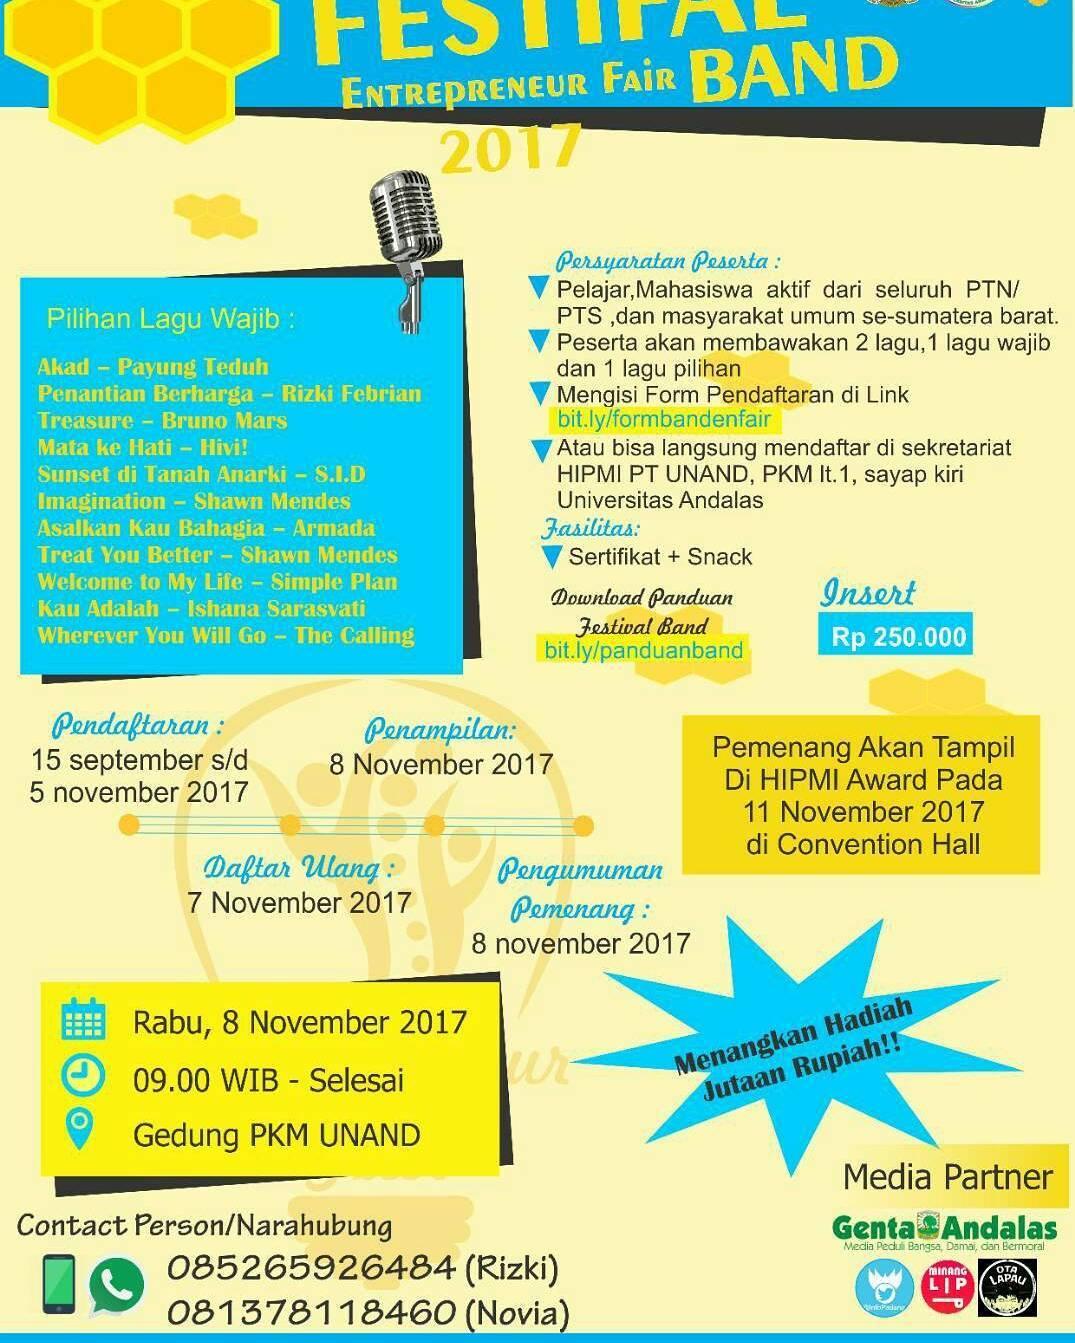 Lomba Band Entrepreneur Fair 2017 | Univ. Andalas | Umum